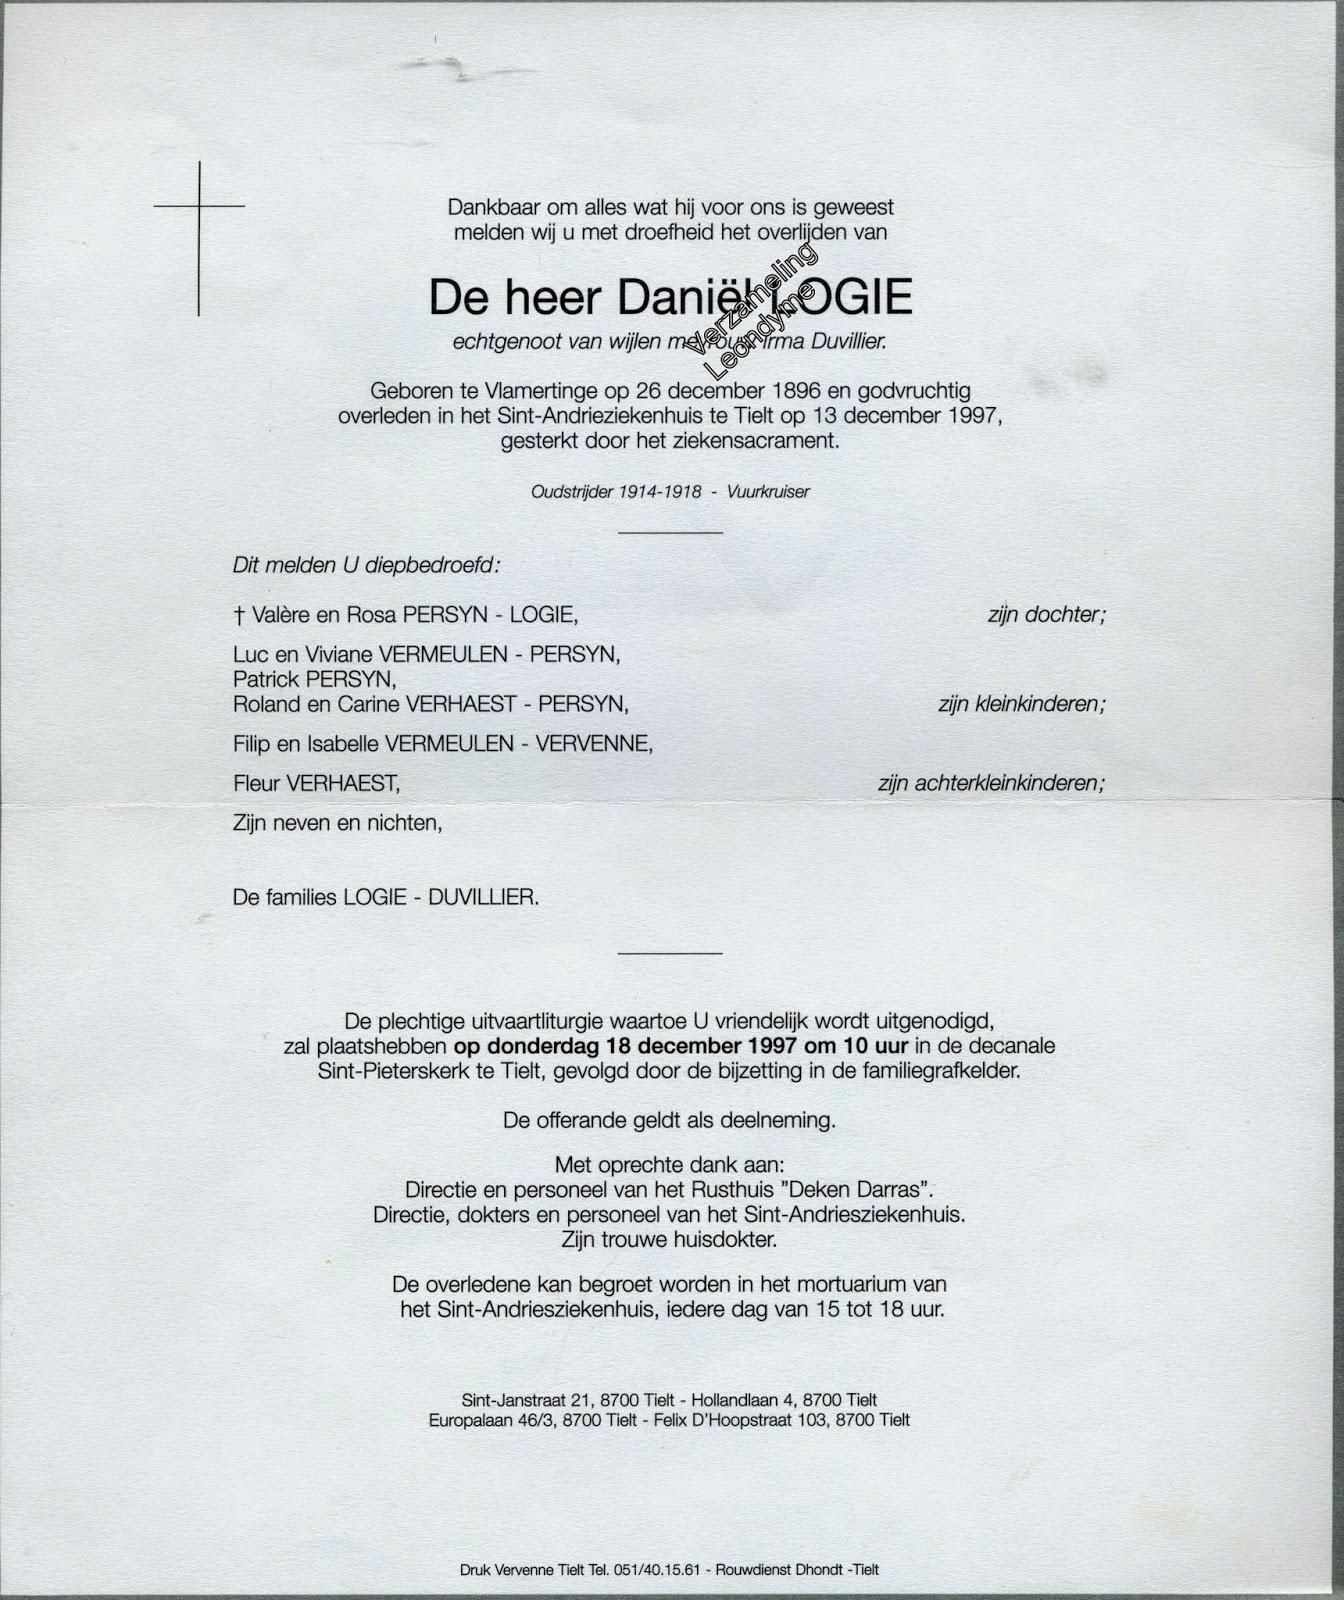 Rouwbrief Daniël Logie 1896-1997. Verzameling Leondyme